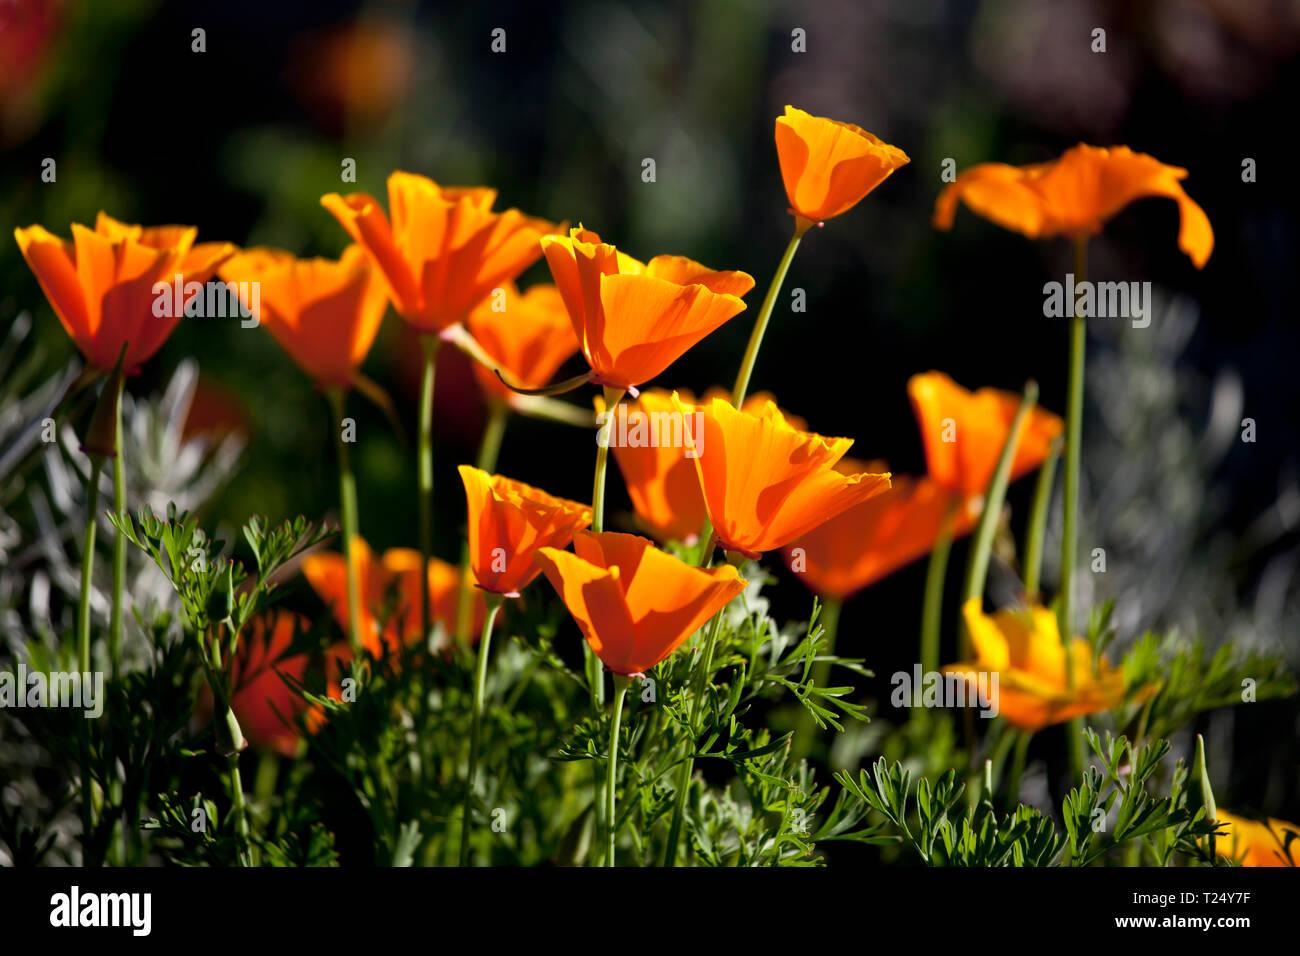 California poppy - Eschscholzia californica - Stock Image